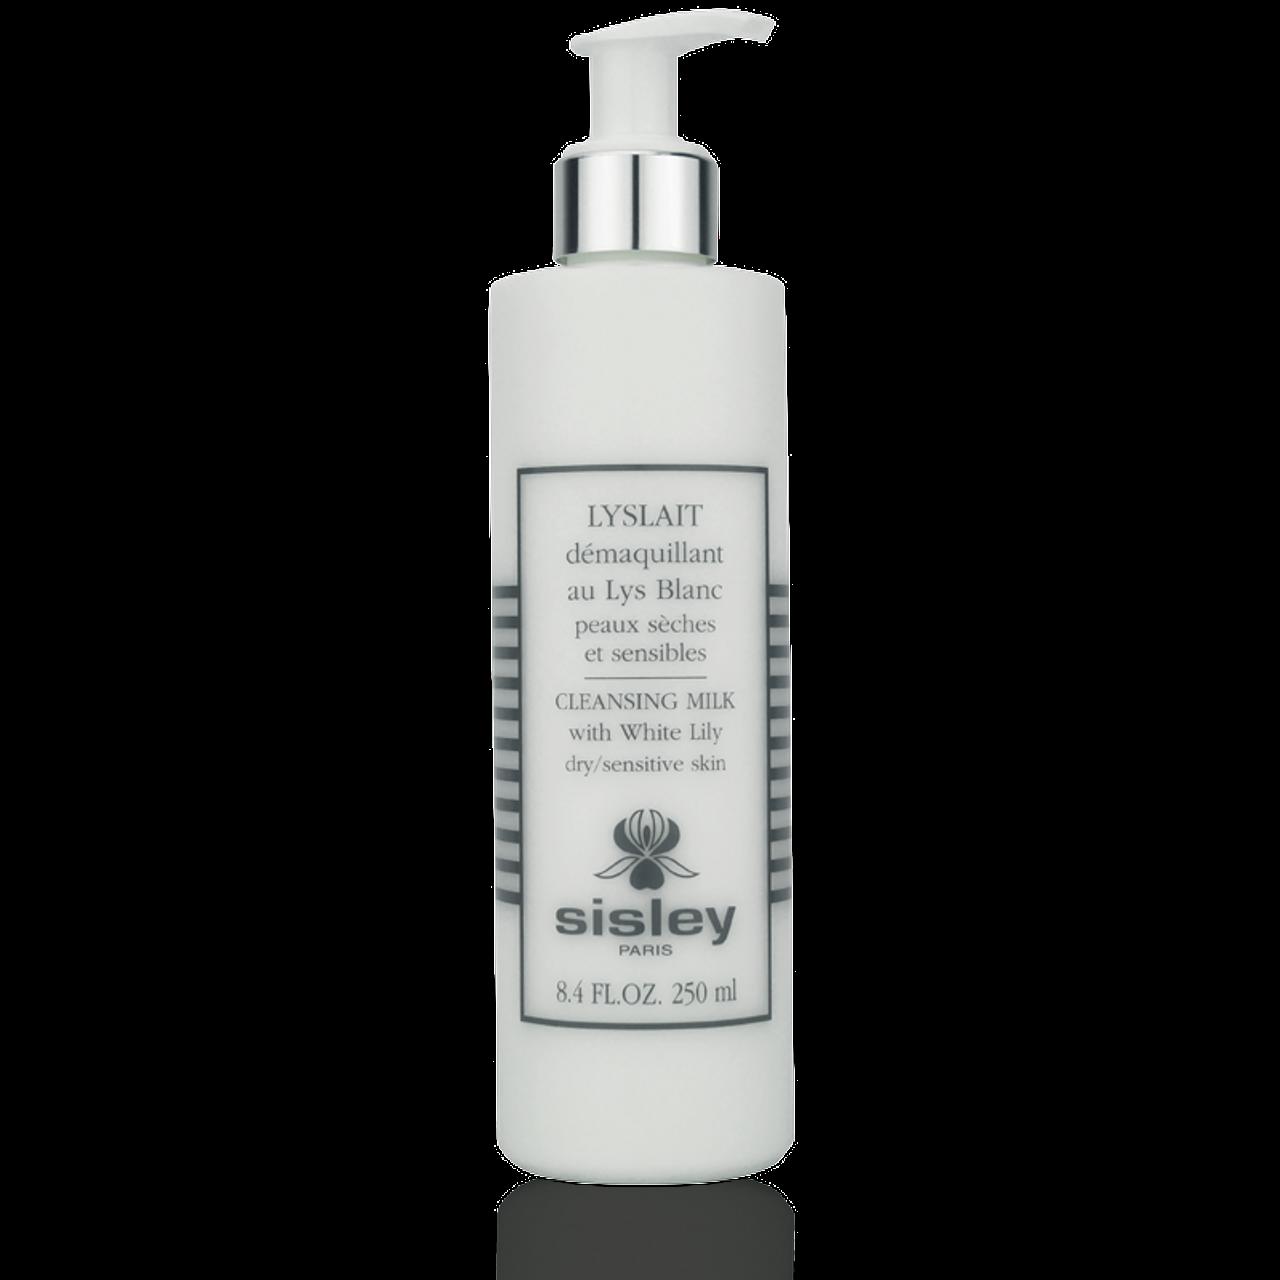 Sisley Lyslait Reinigungsmilch für trockene und empfindliche Haut 250ml